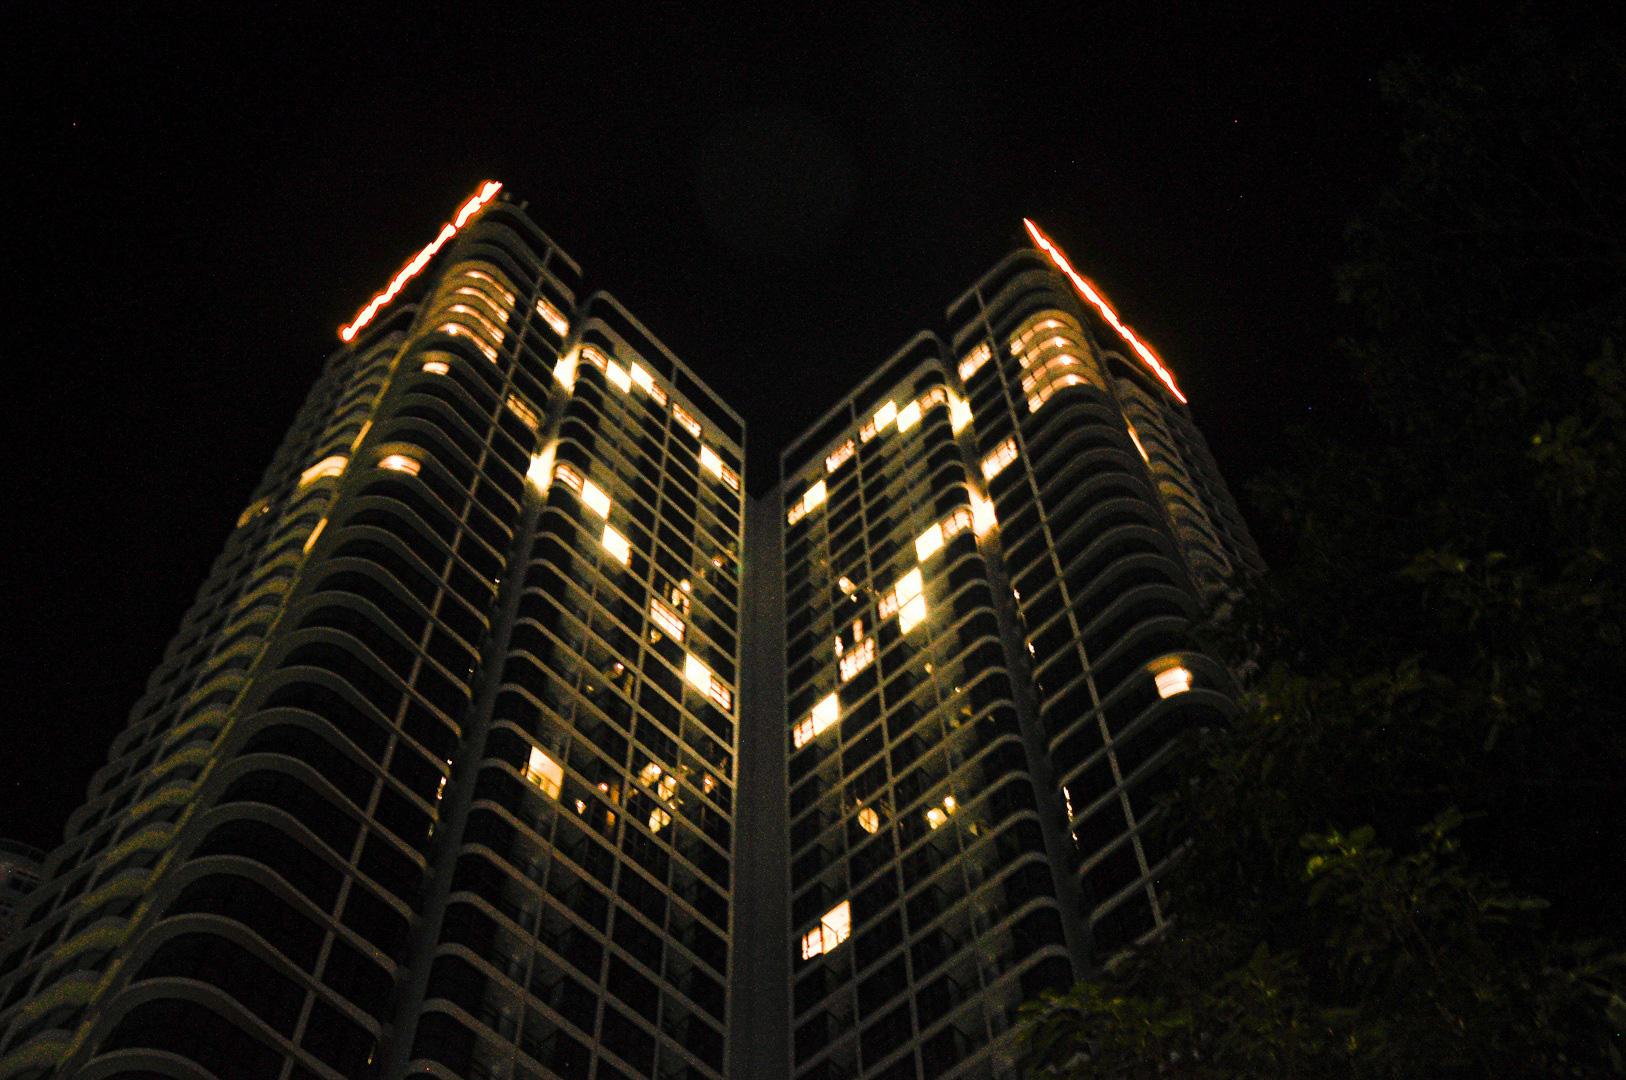 Đà Nẵng: Khách sạn đồng loạt lên đèn hình trái tim giữa mùa dịch Covid-19 - Ảnh 3.